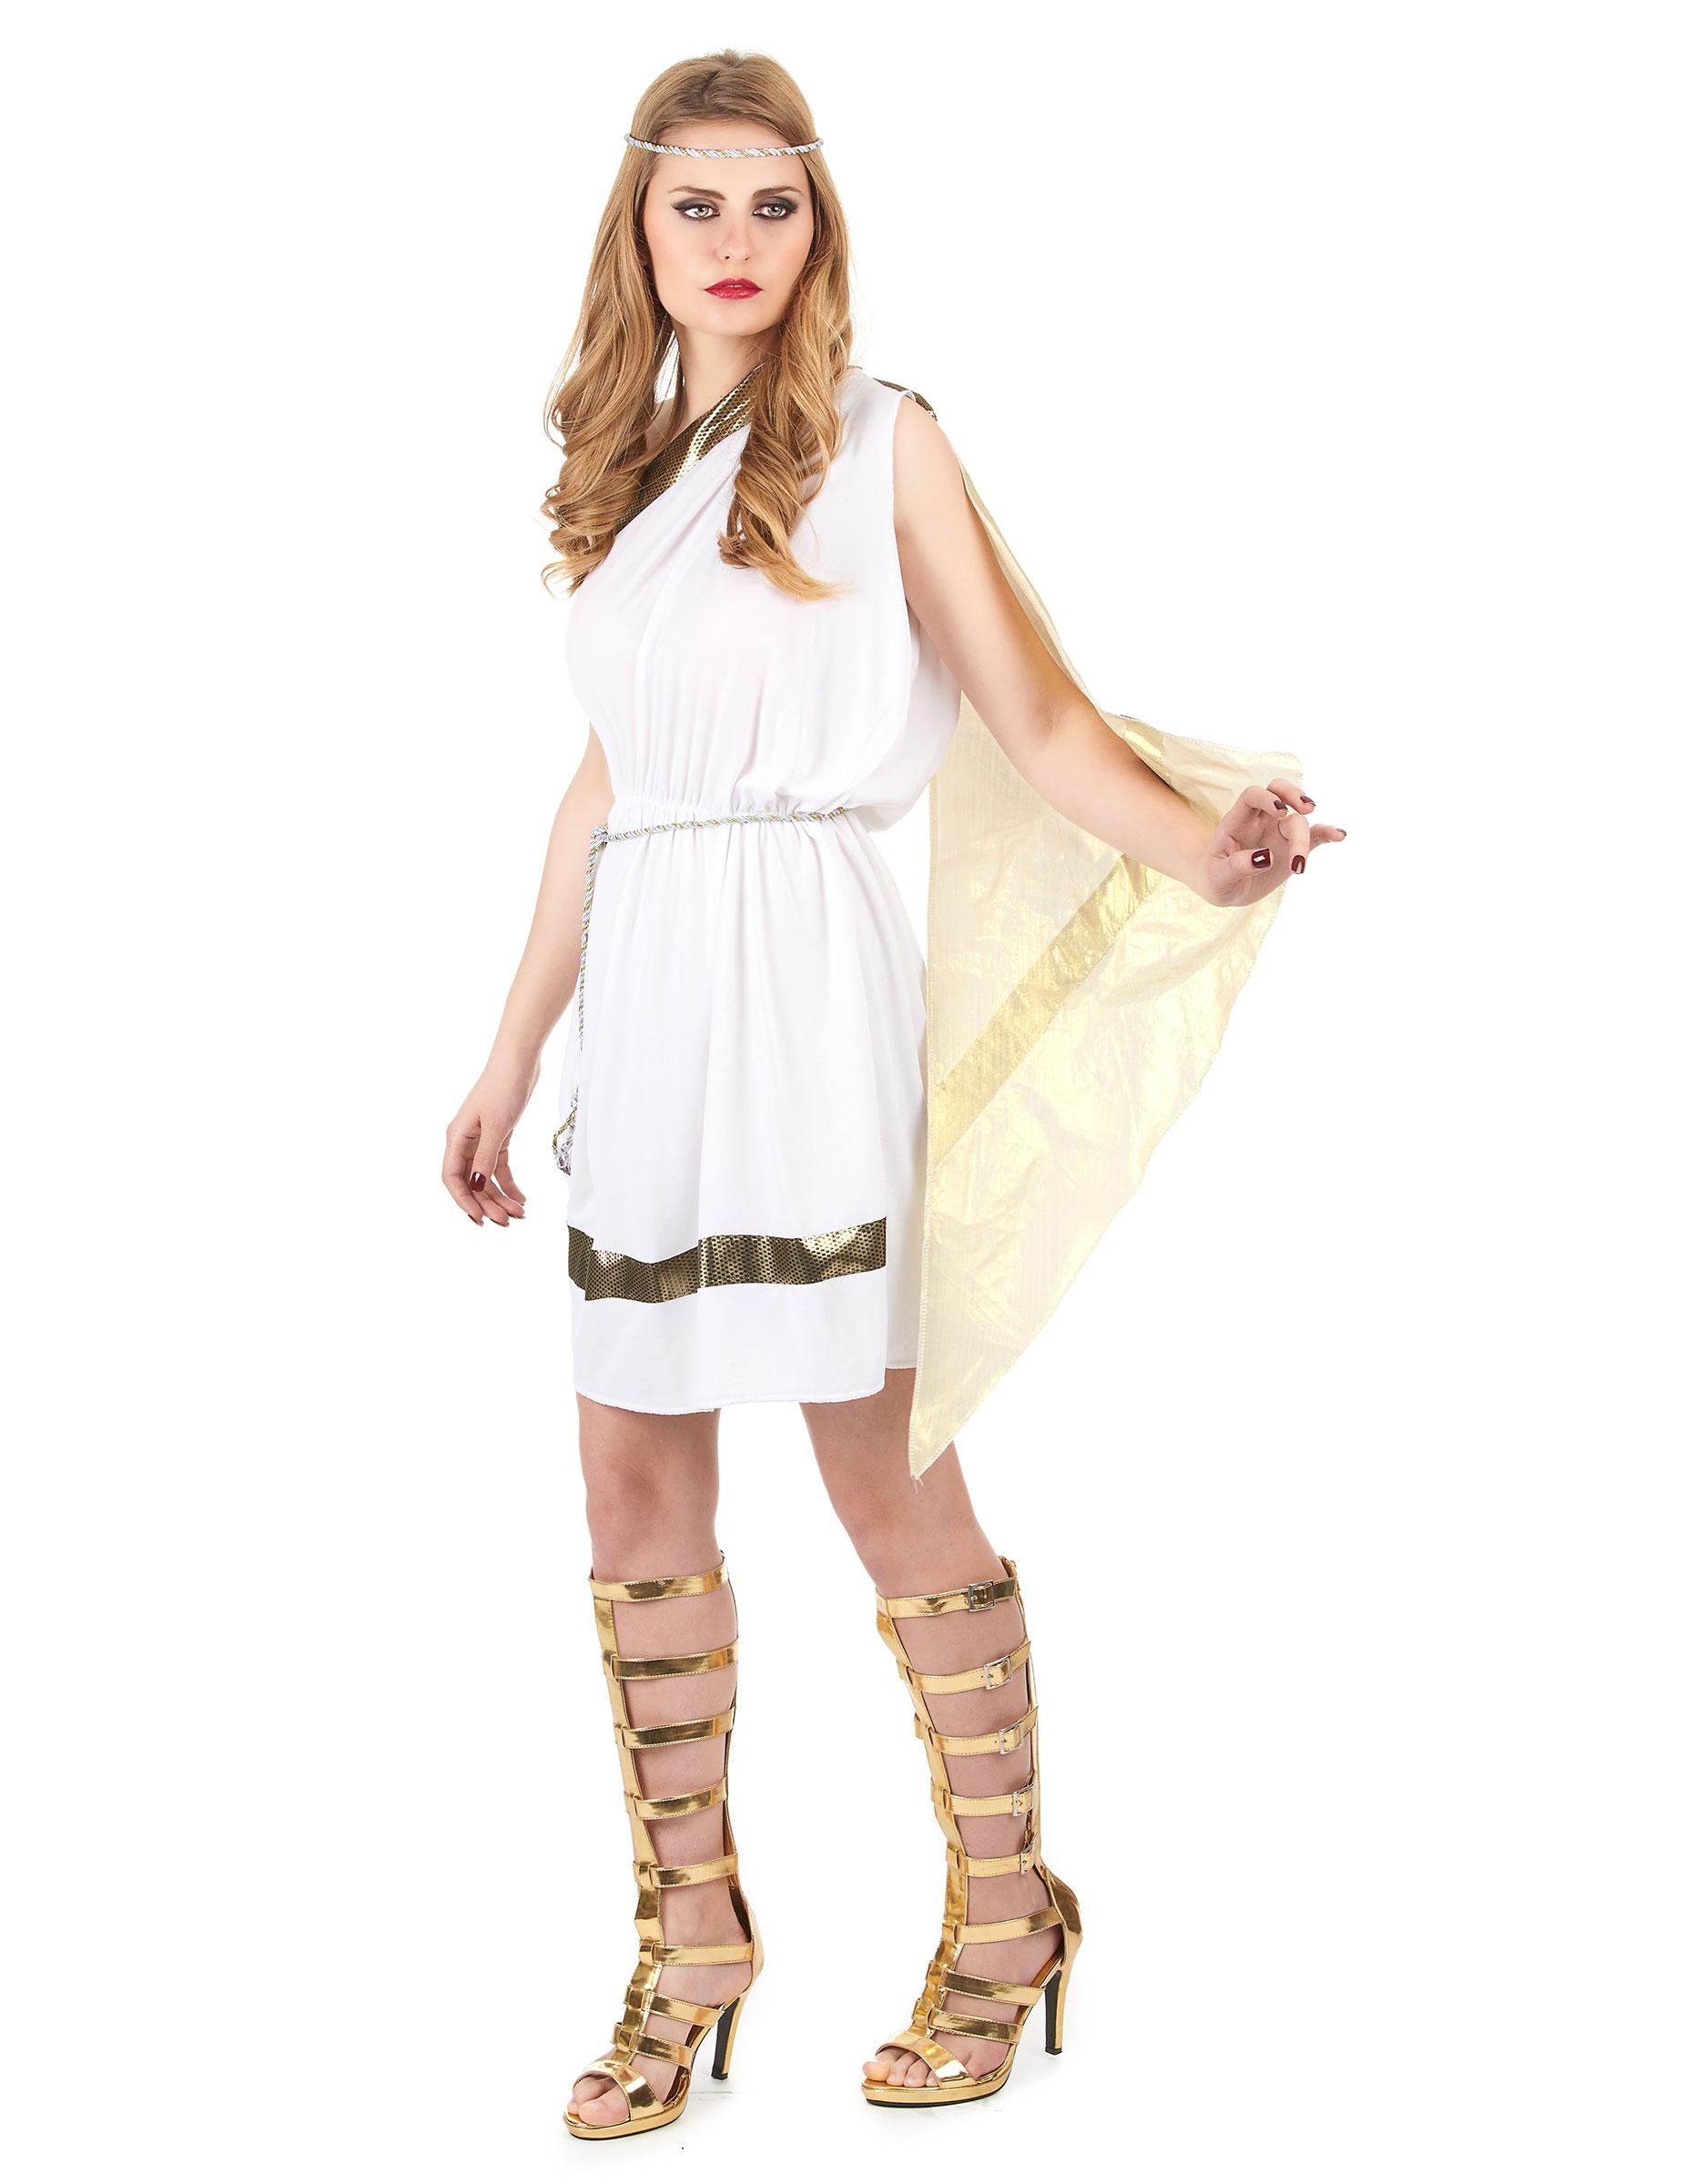 fa7772e04 Disfraz de pareja de romanos